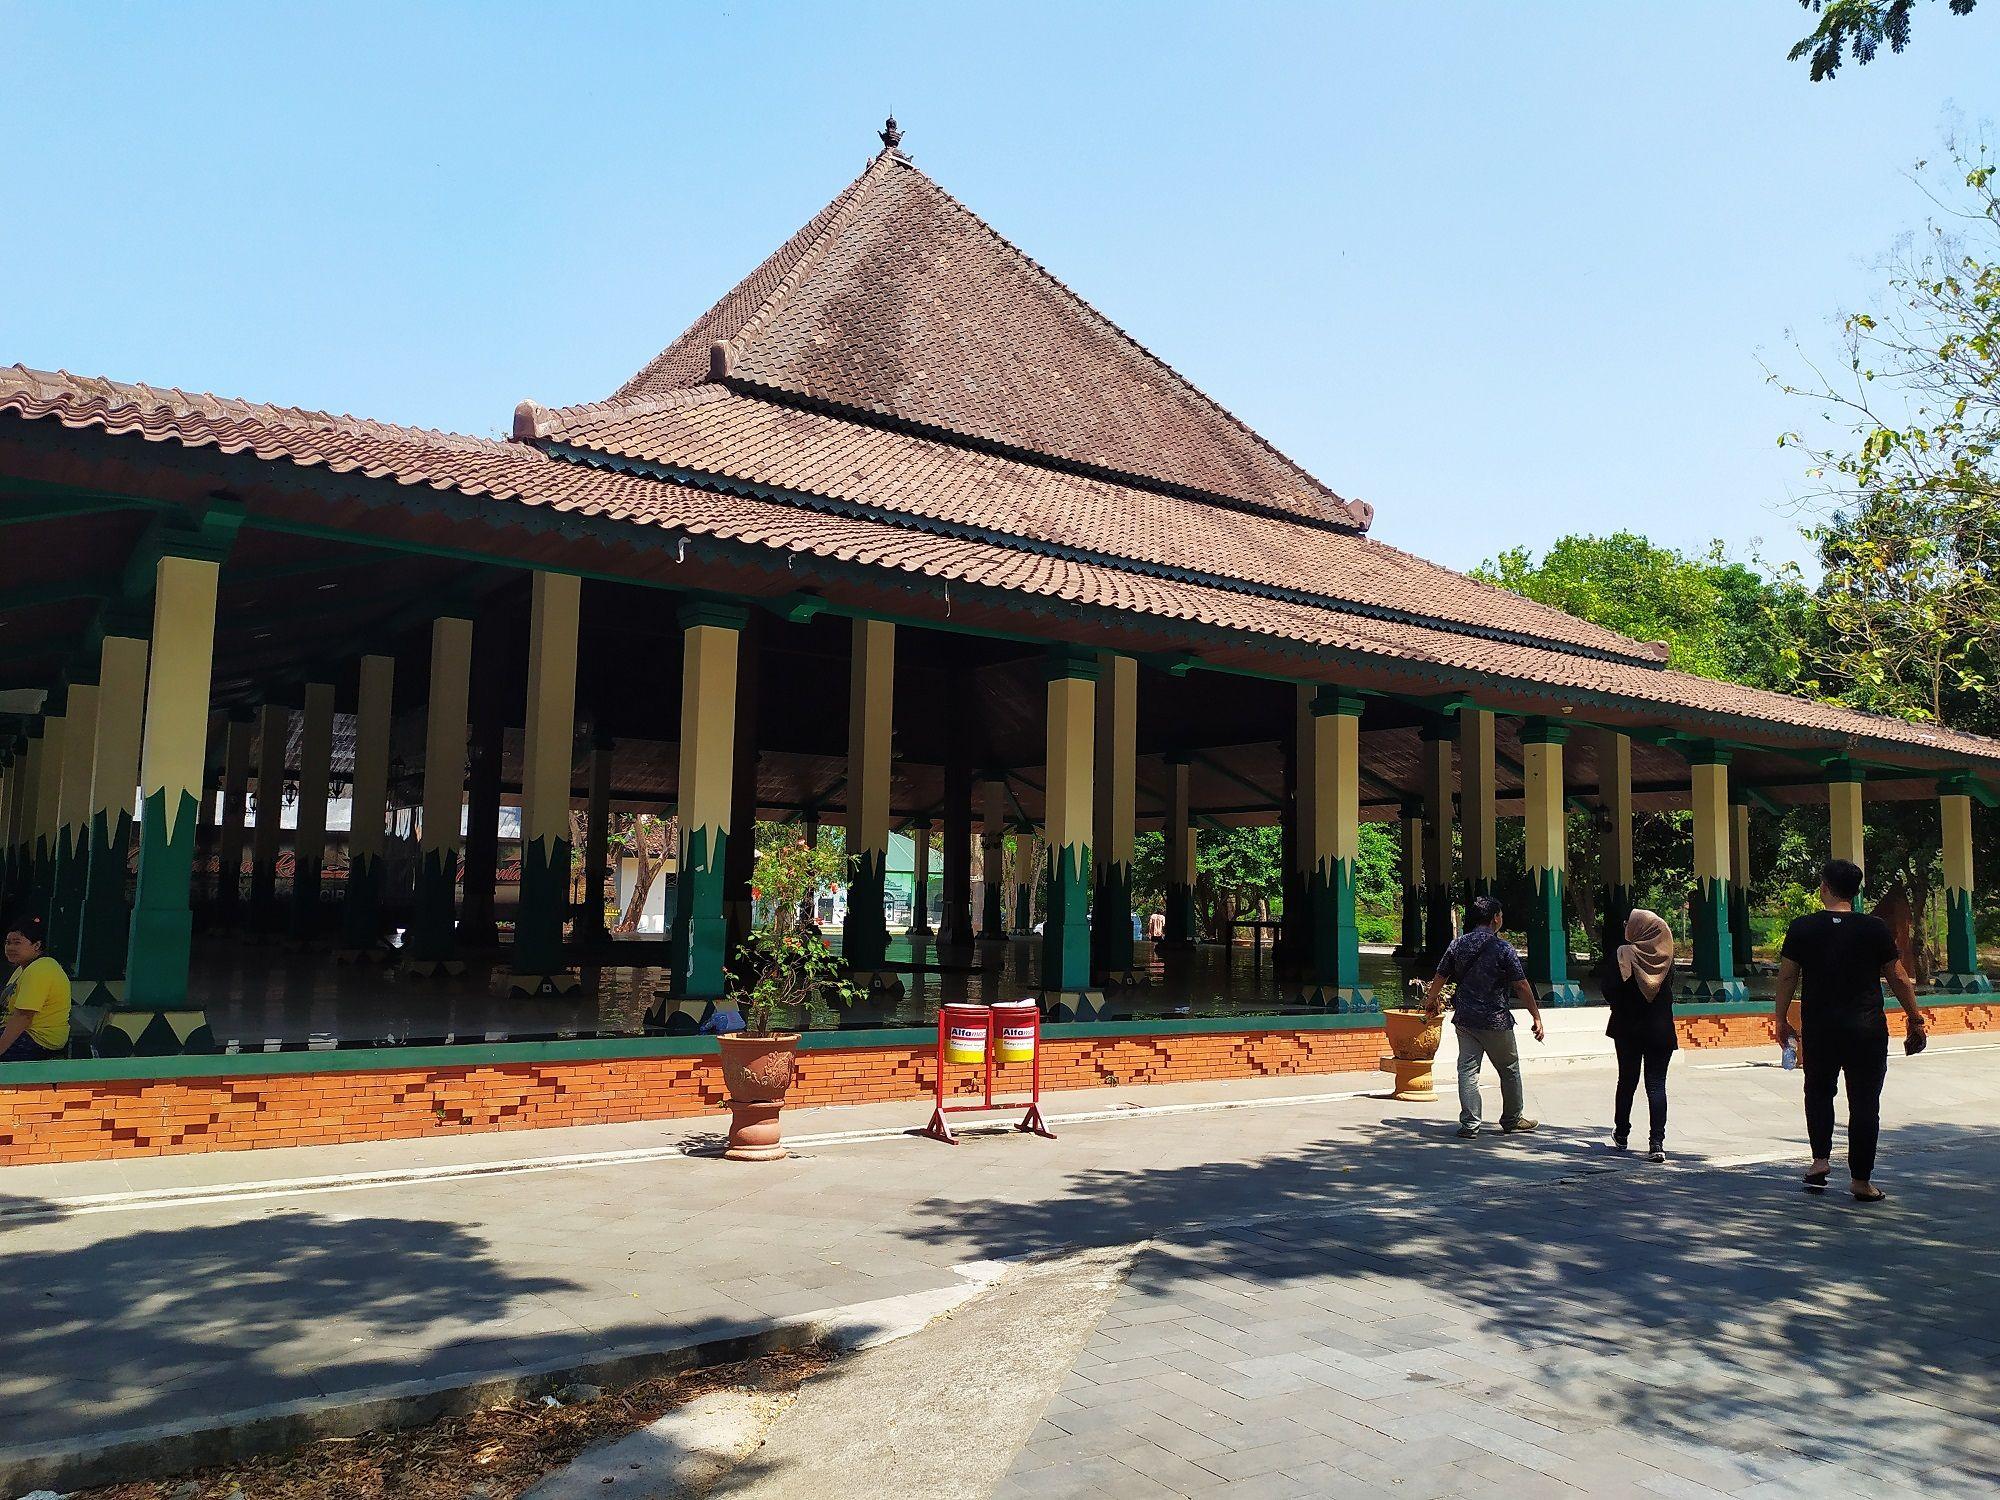 Serba-serbi Serunya Berburu Kuliner hingga Jelajah Wisata Sejarah di Cirebon